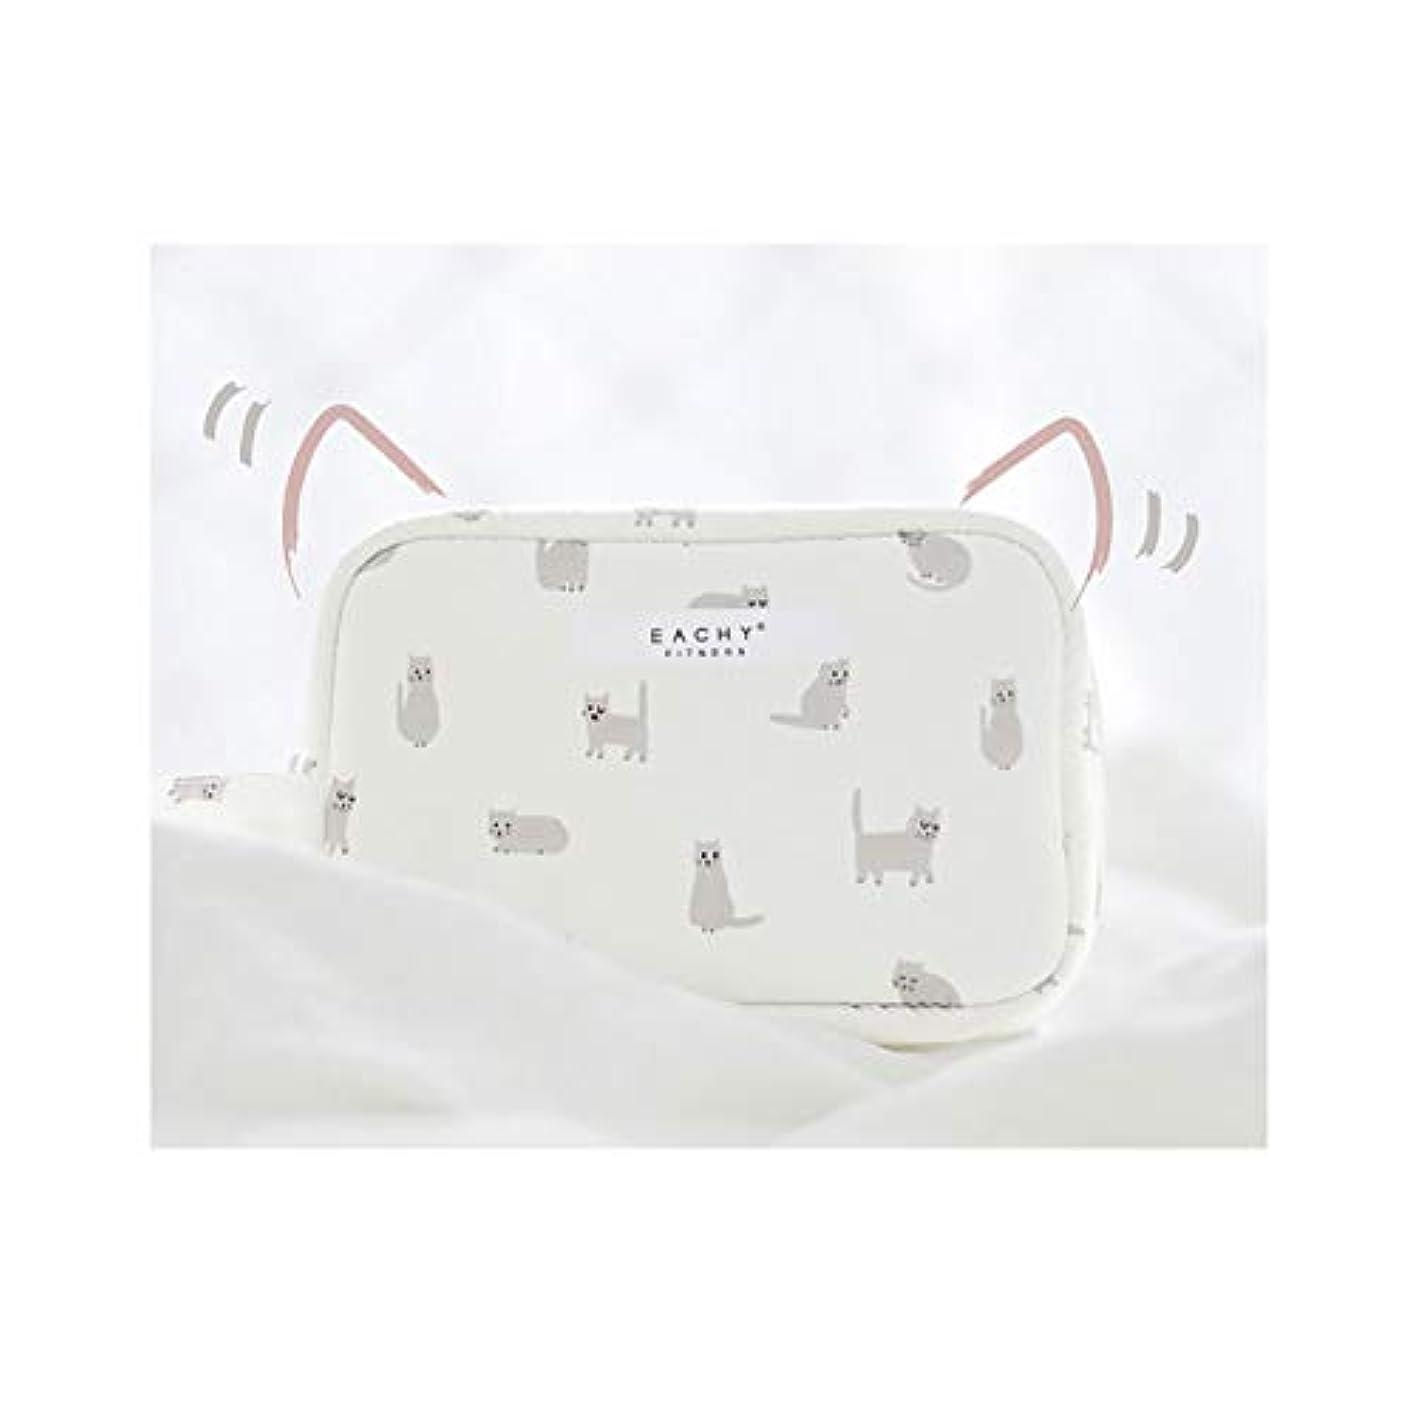 深さ観察正確にNEOVIVA 化粧ポーチ コスメポーチ メイク収納バッグ かわいい 軽量 防水 旅行小物ポーチ 猫 ホワイト S